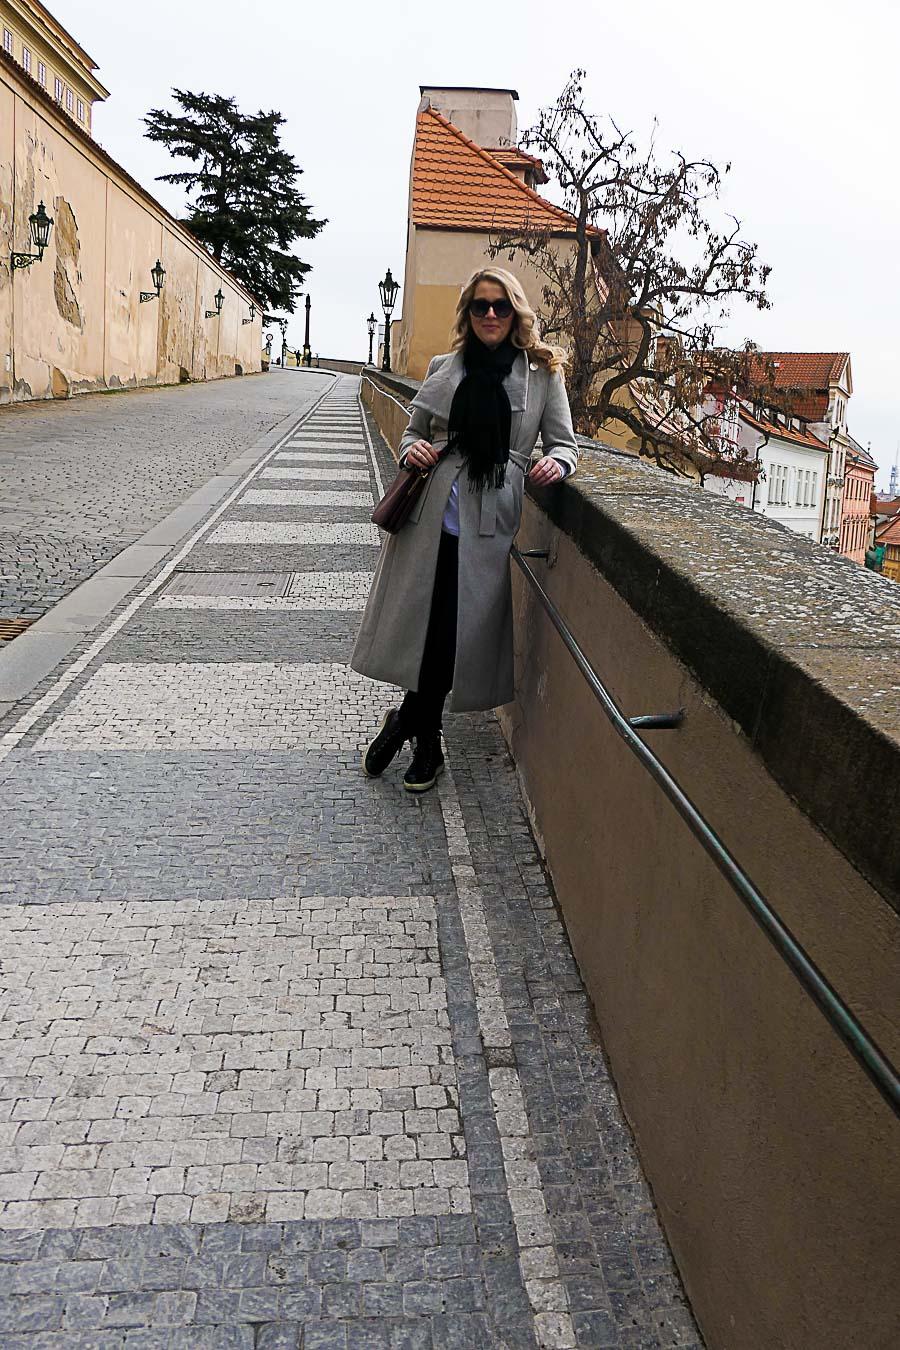 Prague Architecture Photos - What to Wear in Prague